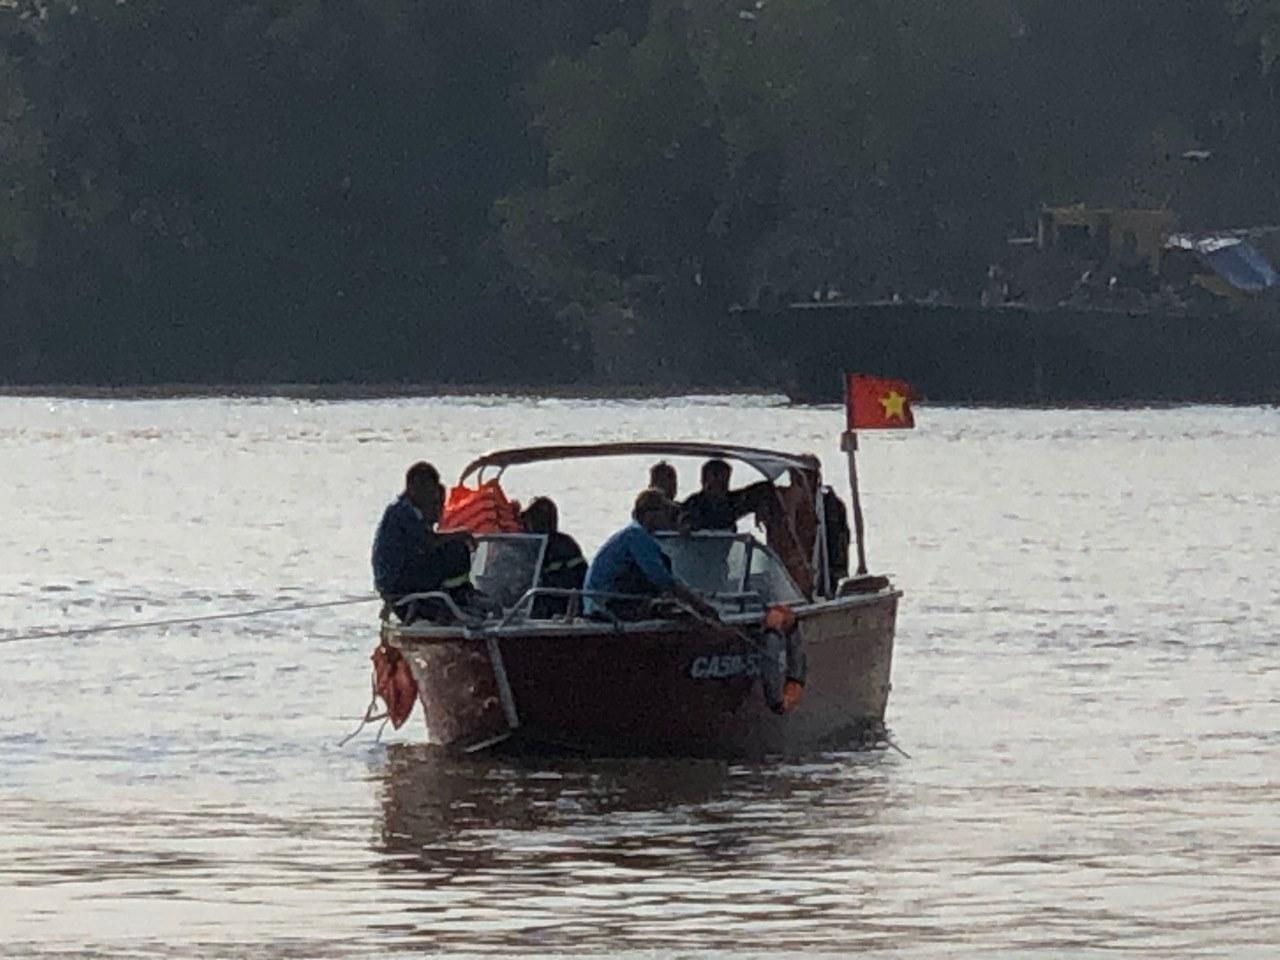 Tìm thấy thi thể một thợ lặn mất tích khi trục vớt tàu chìm Ảnh 2